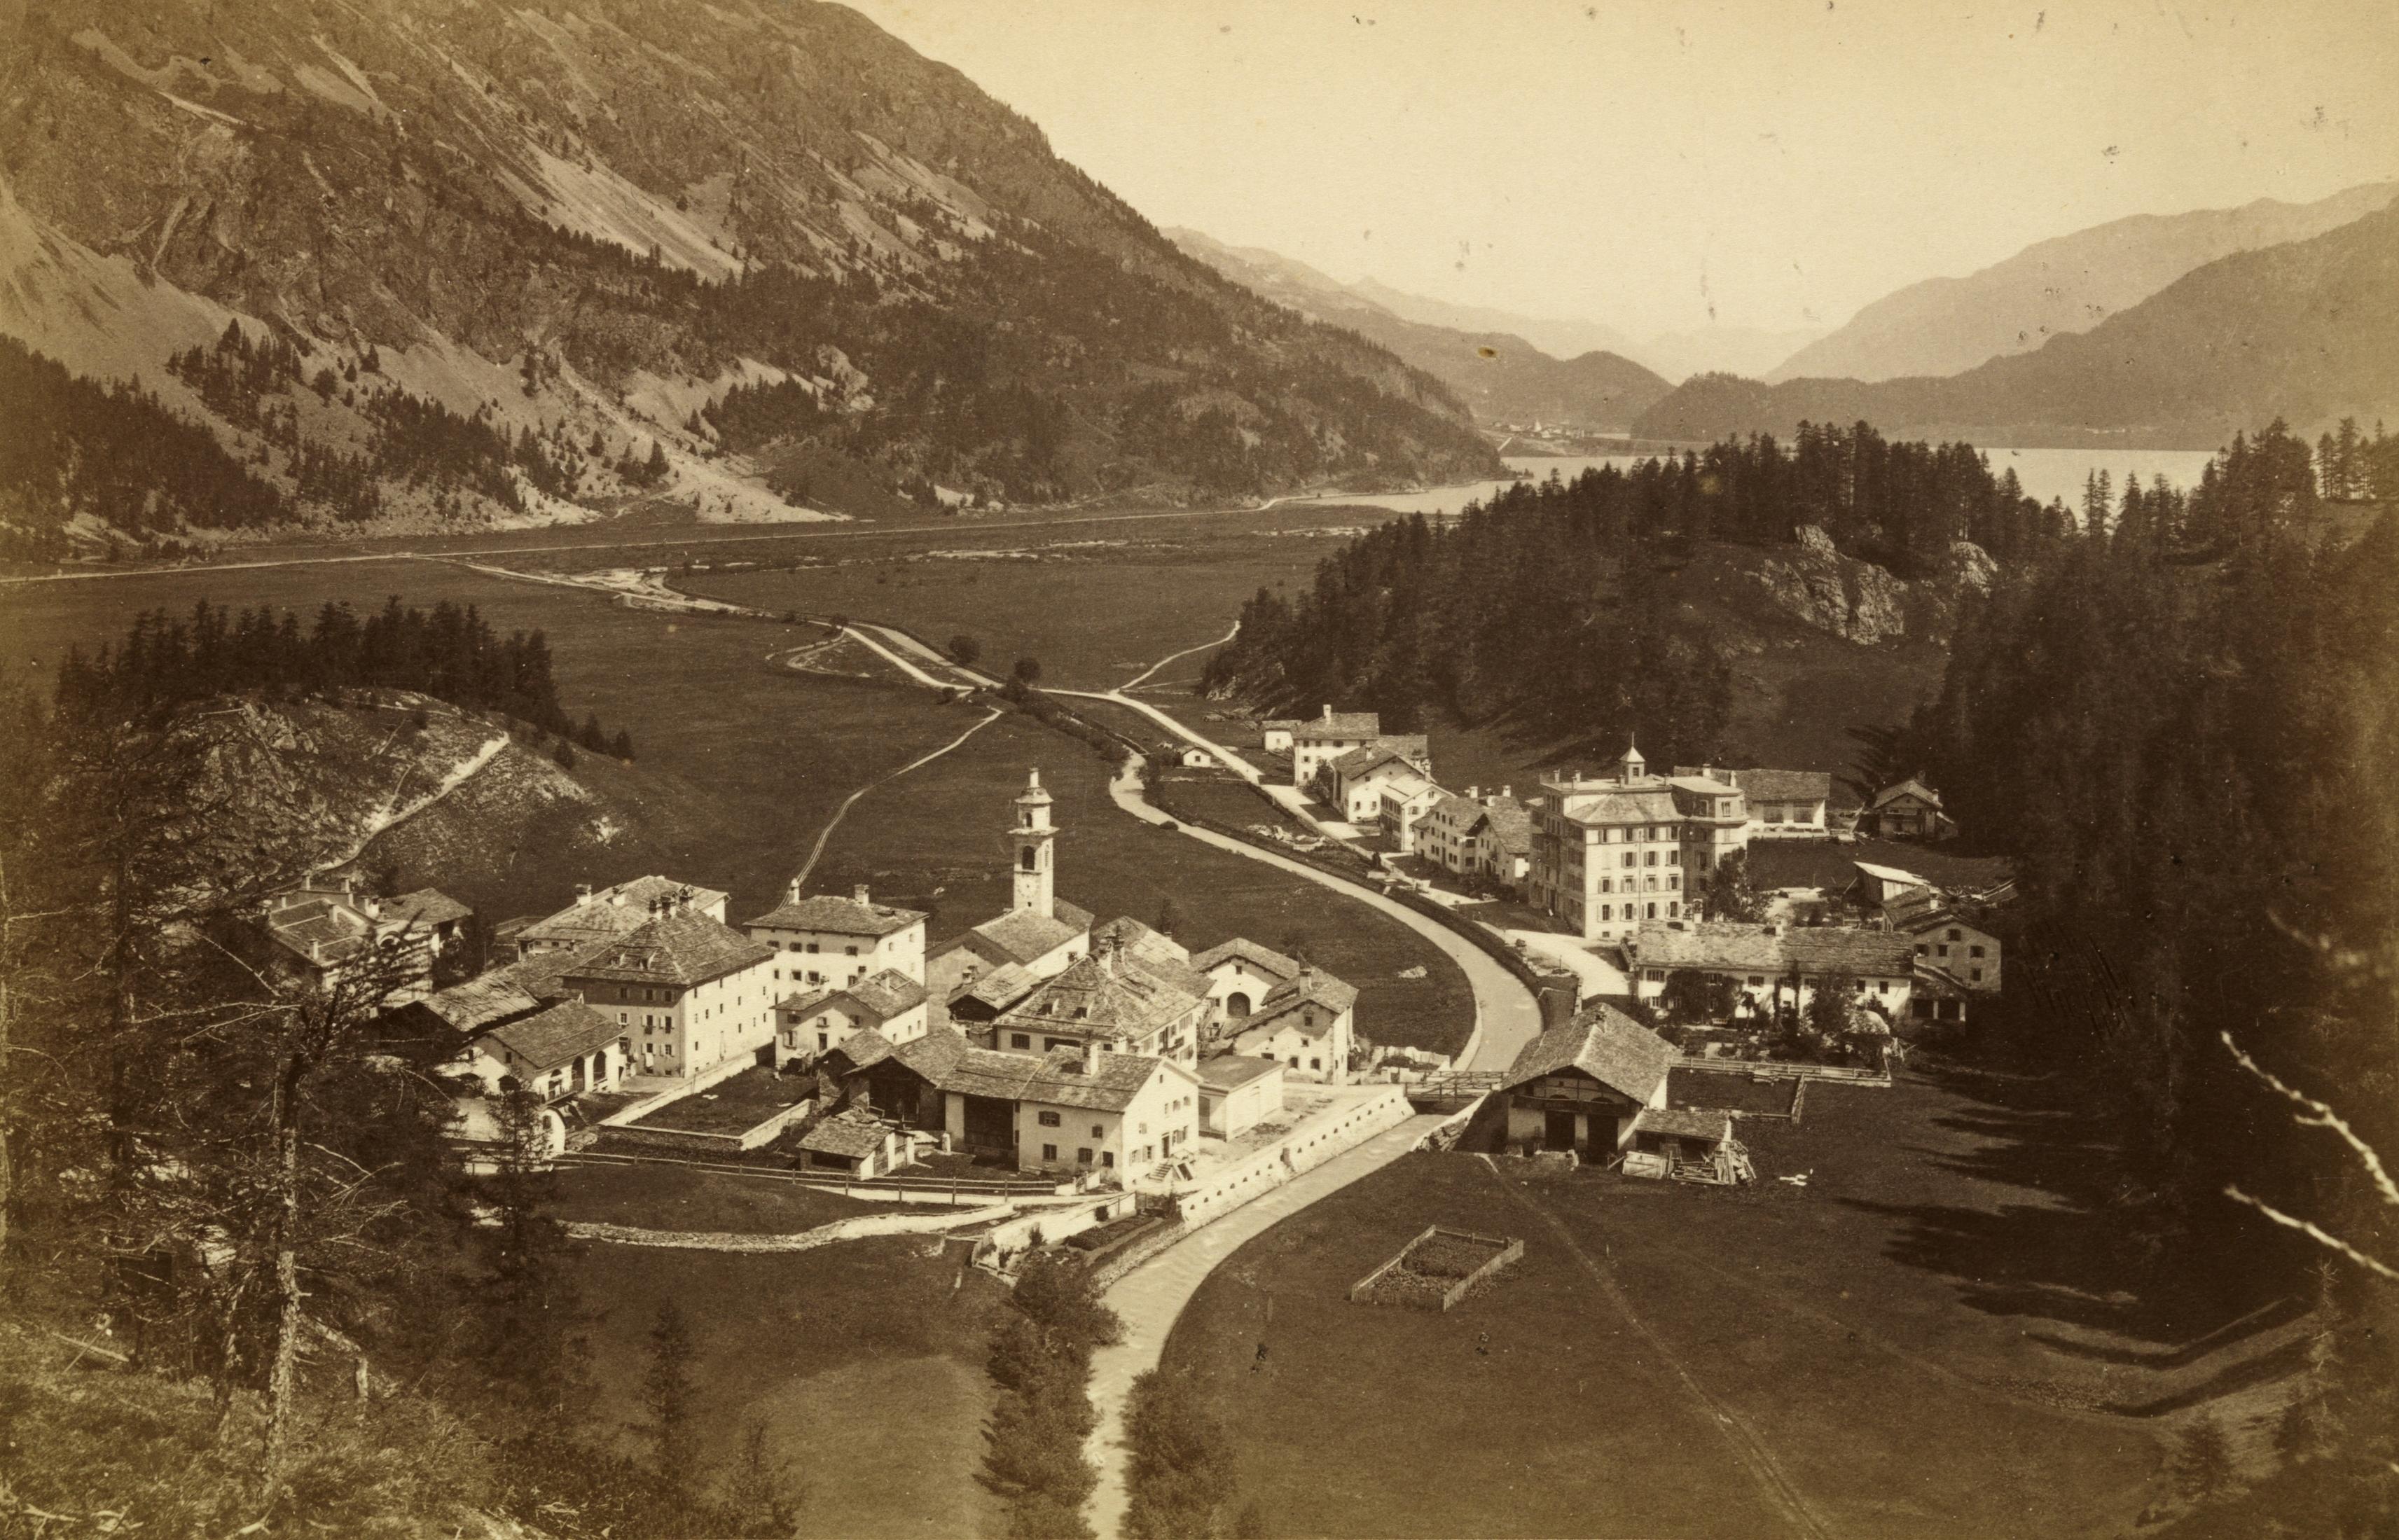 Sils Maria, ca. 1880 (JPG)